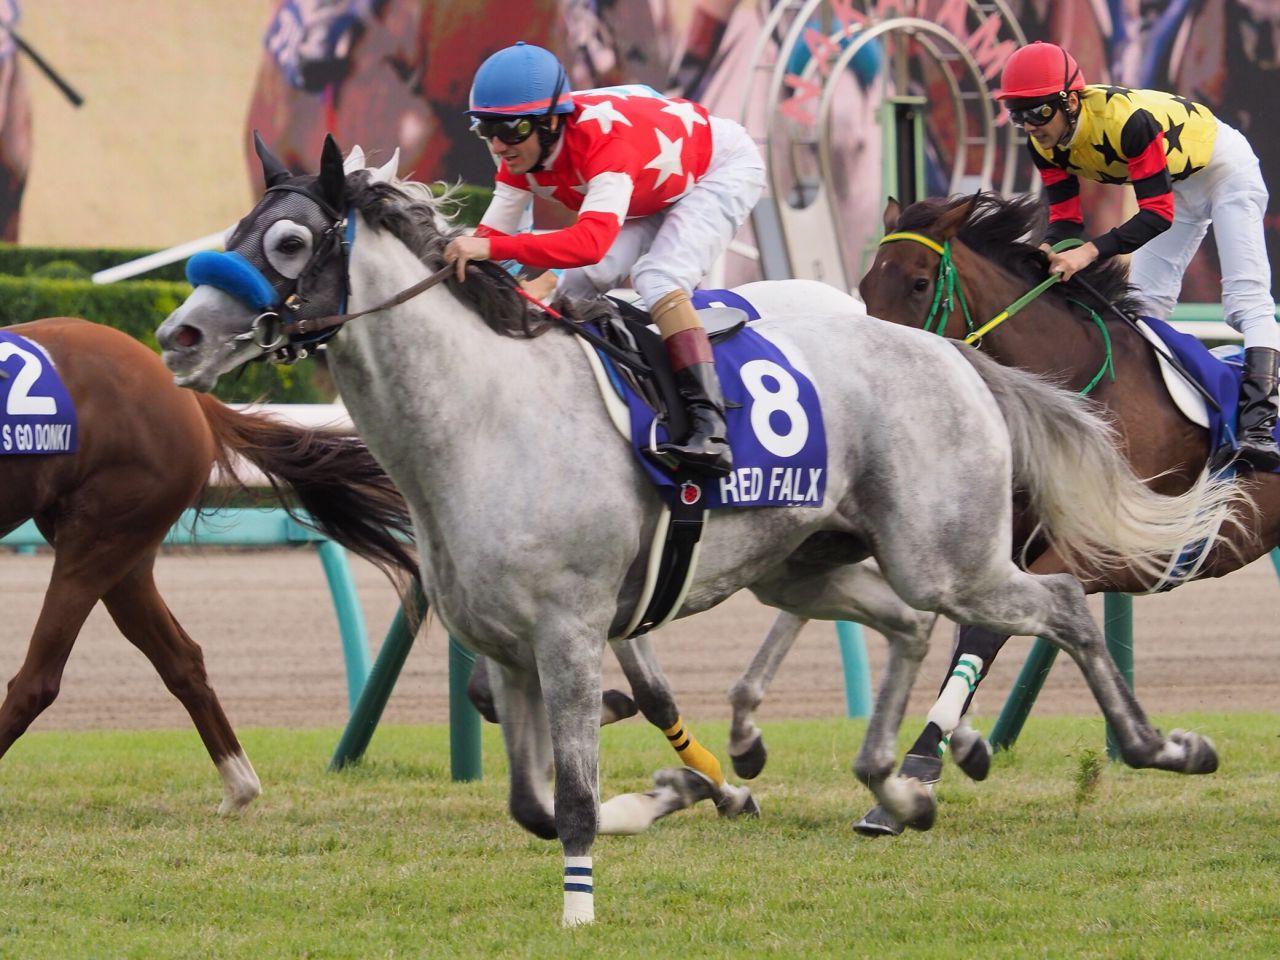 【スプリンターズS】登録馬と見どころ レッドファルクス ファインニードルなど